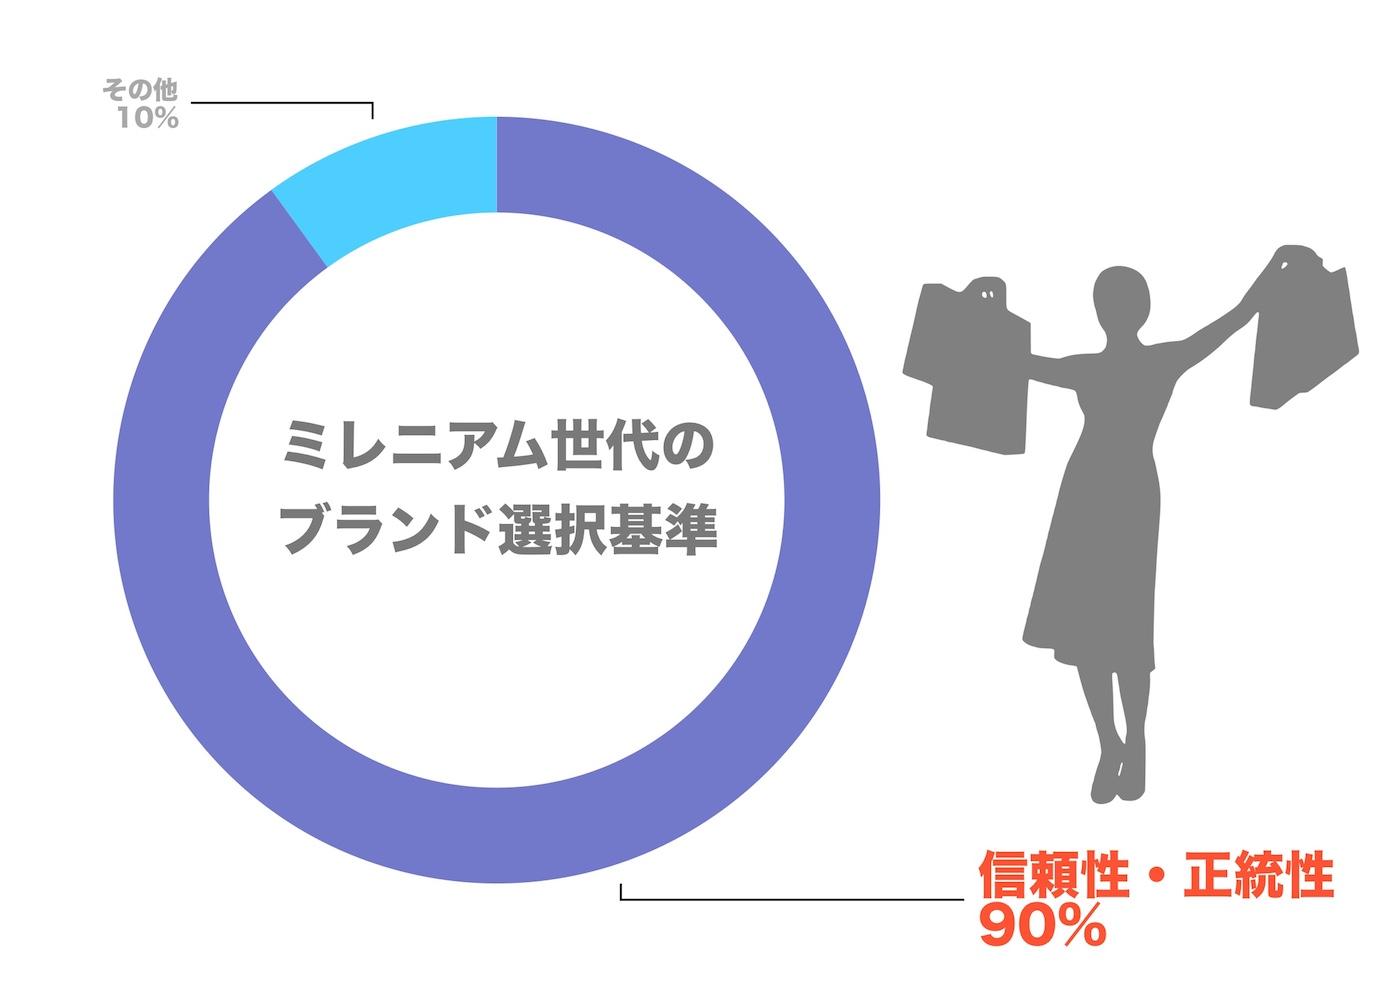 1. ミレニアム世代のブランド選択基準.jpg